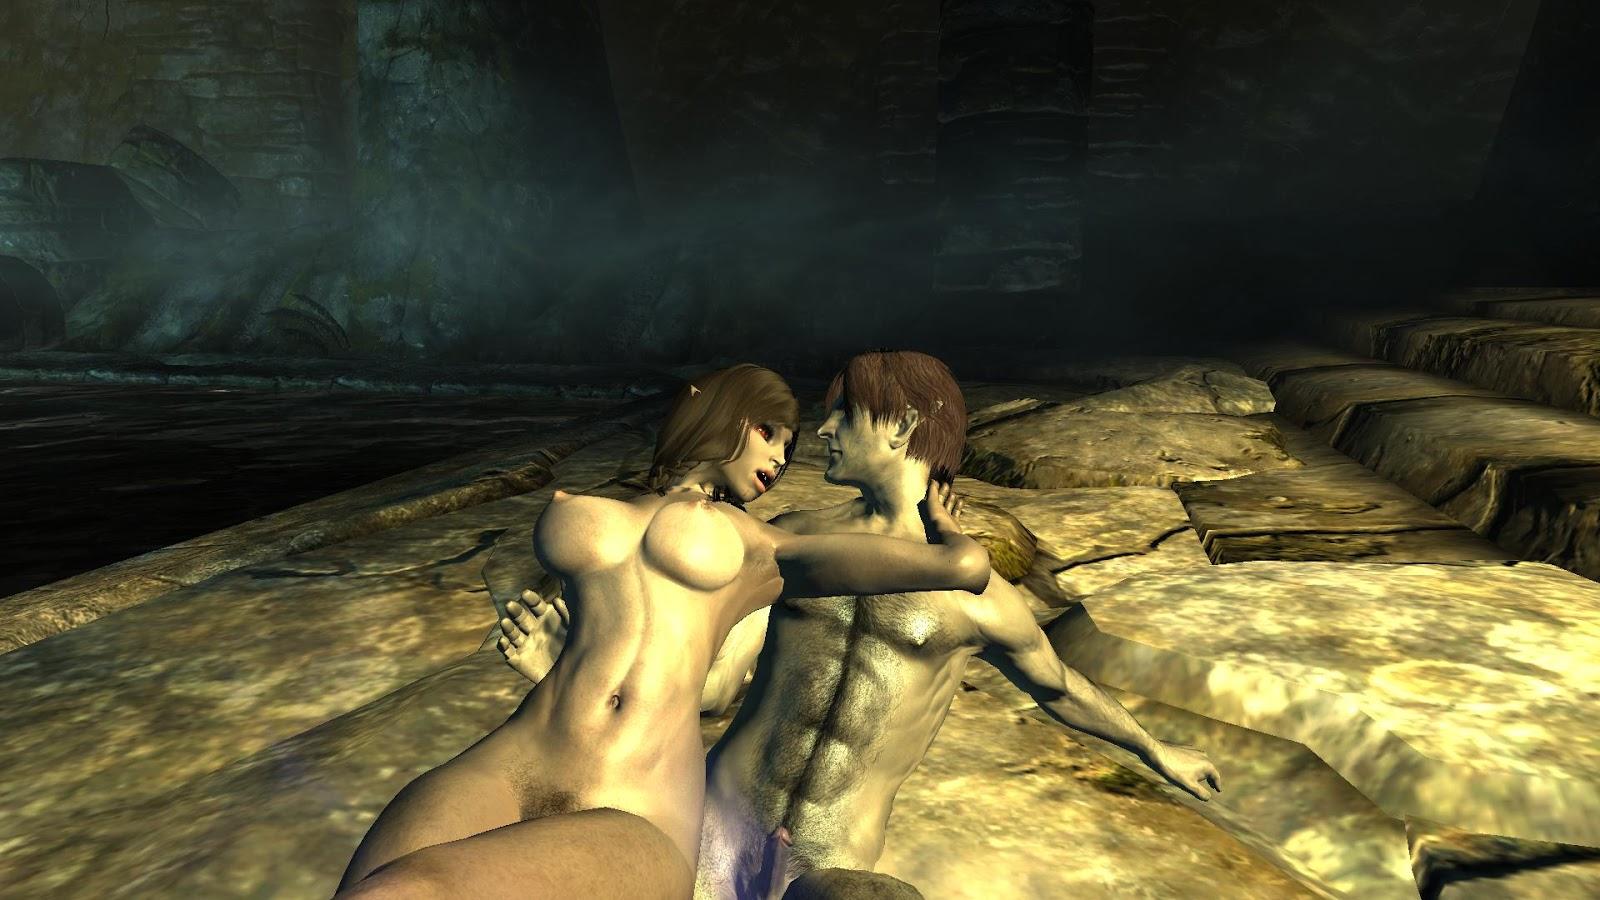 Xxx gay nude wall hd pron scene